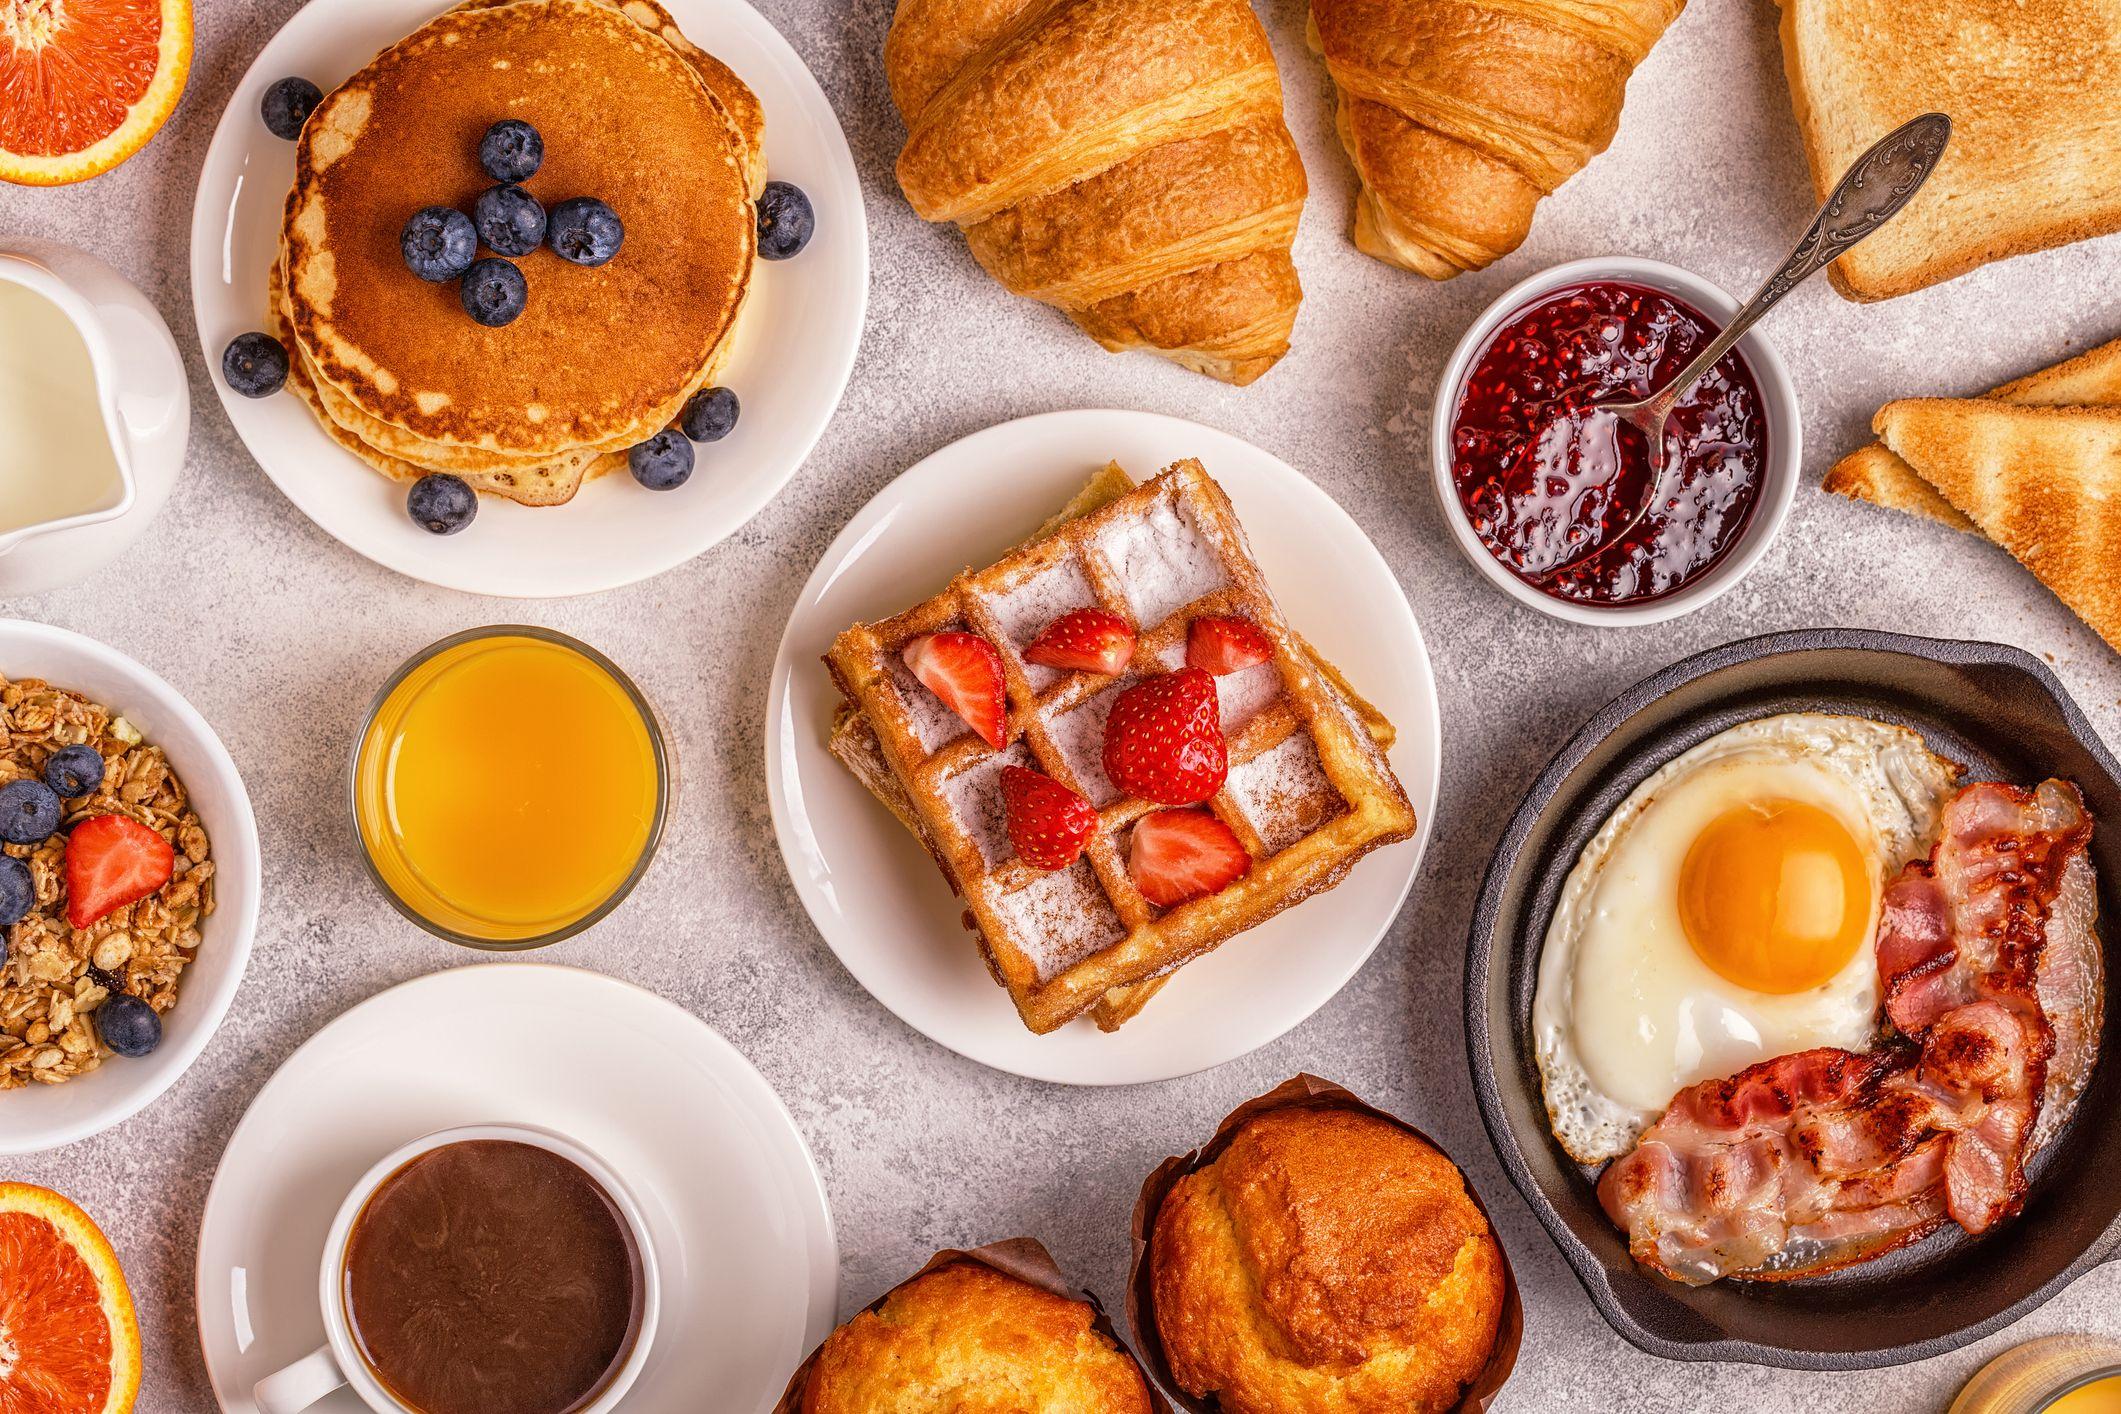 Πρωινό Γεύμα - 5 Λάθη προς Αποφυγή για να Διατηρήστε τη Σιλουέτα σας.